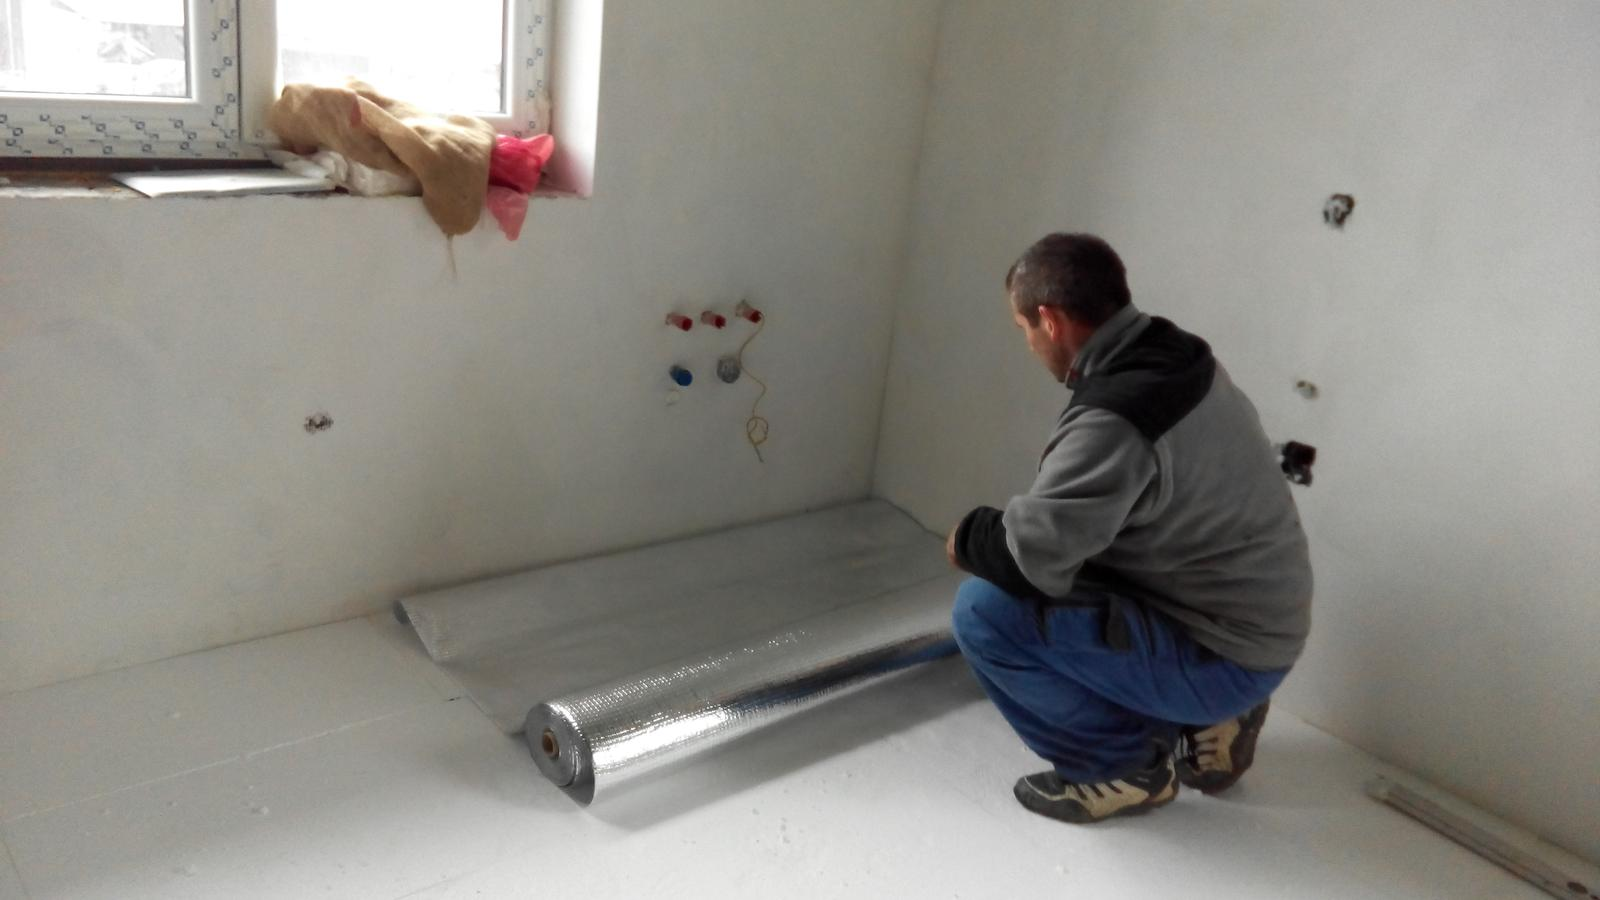 príprava na podlahové kúrenie - Obrázok č. 1